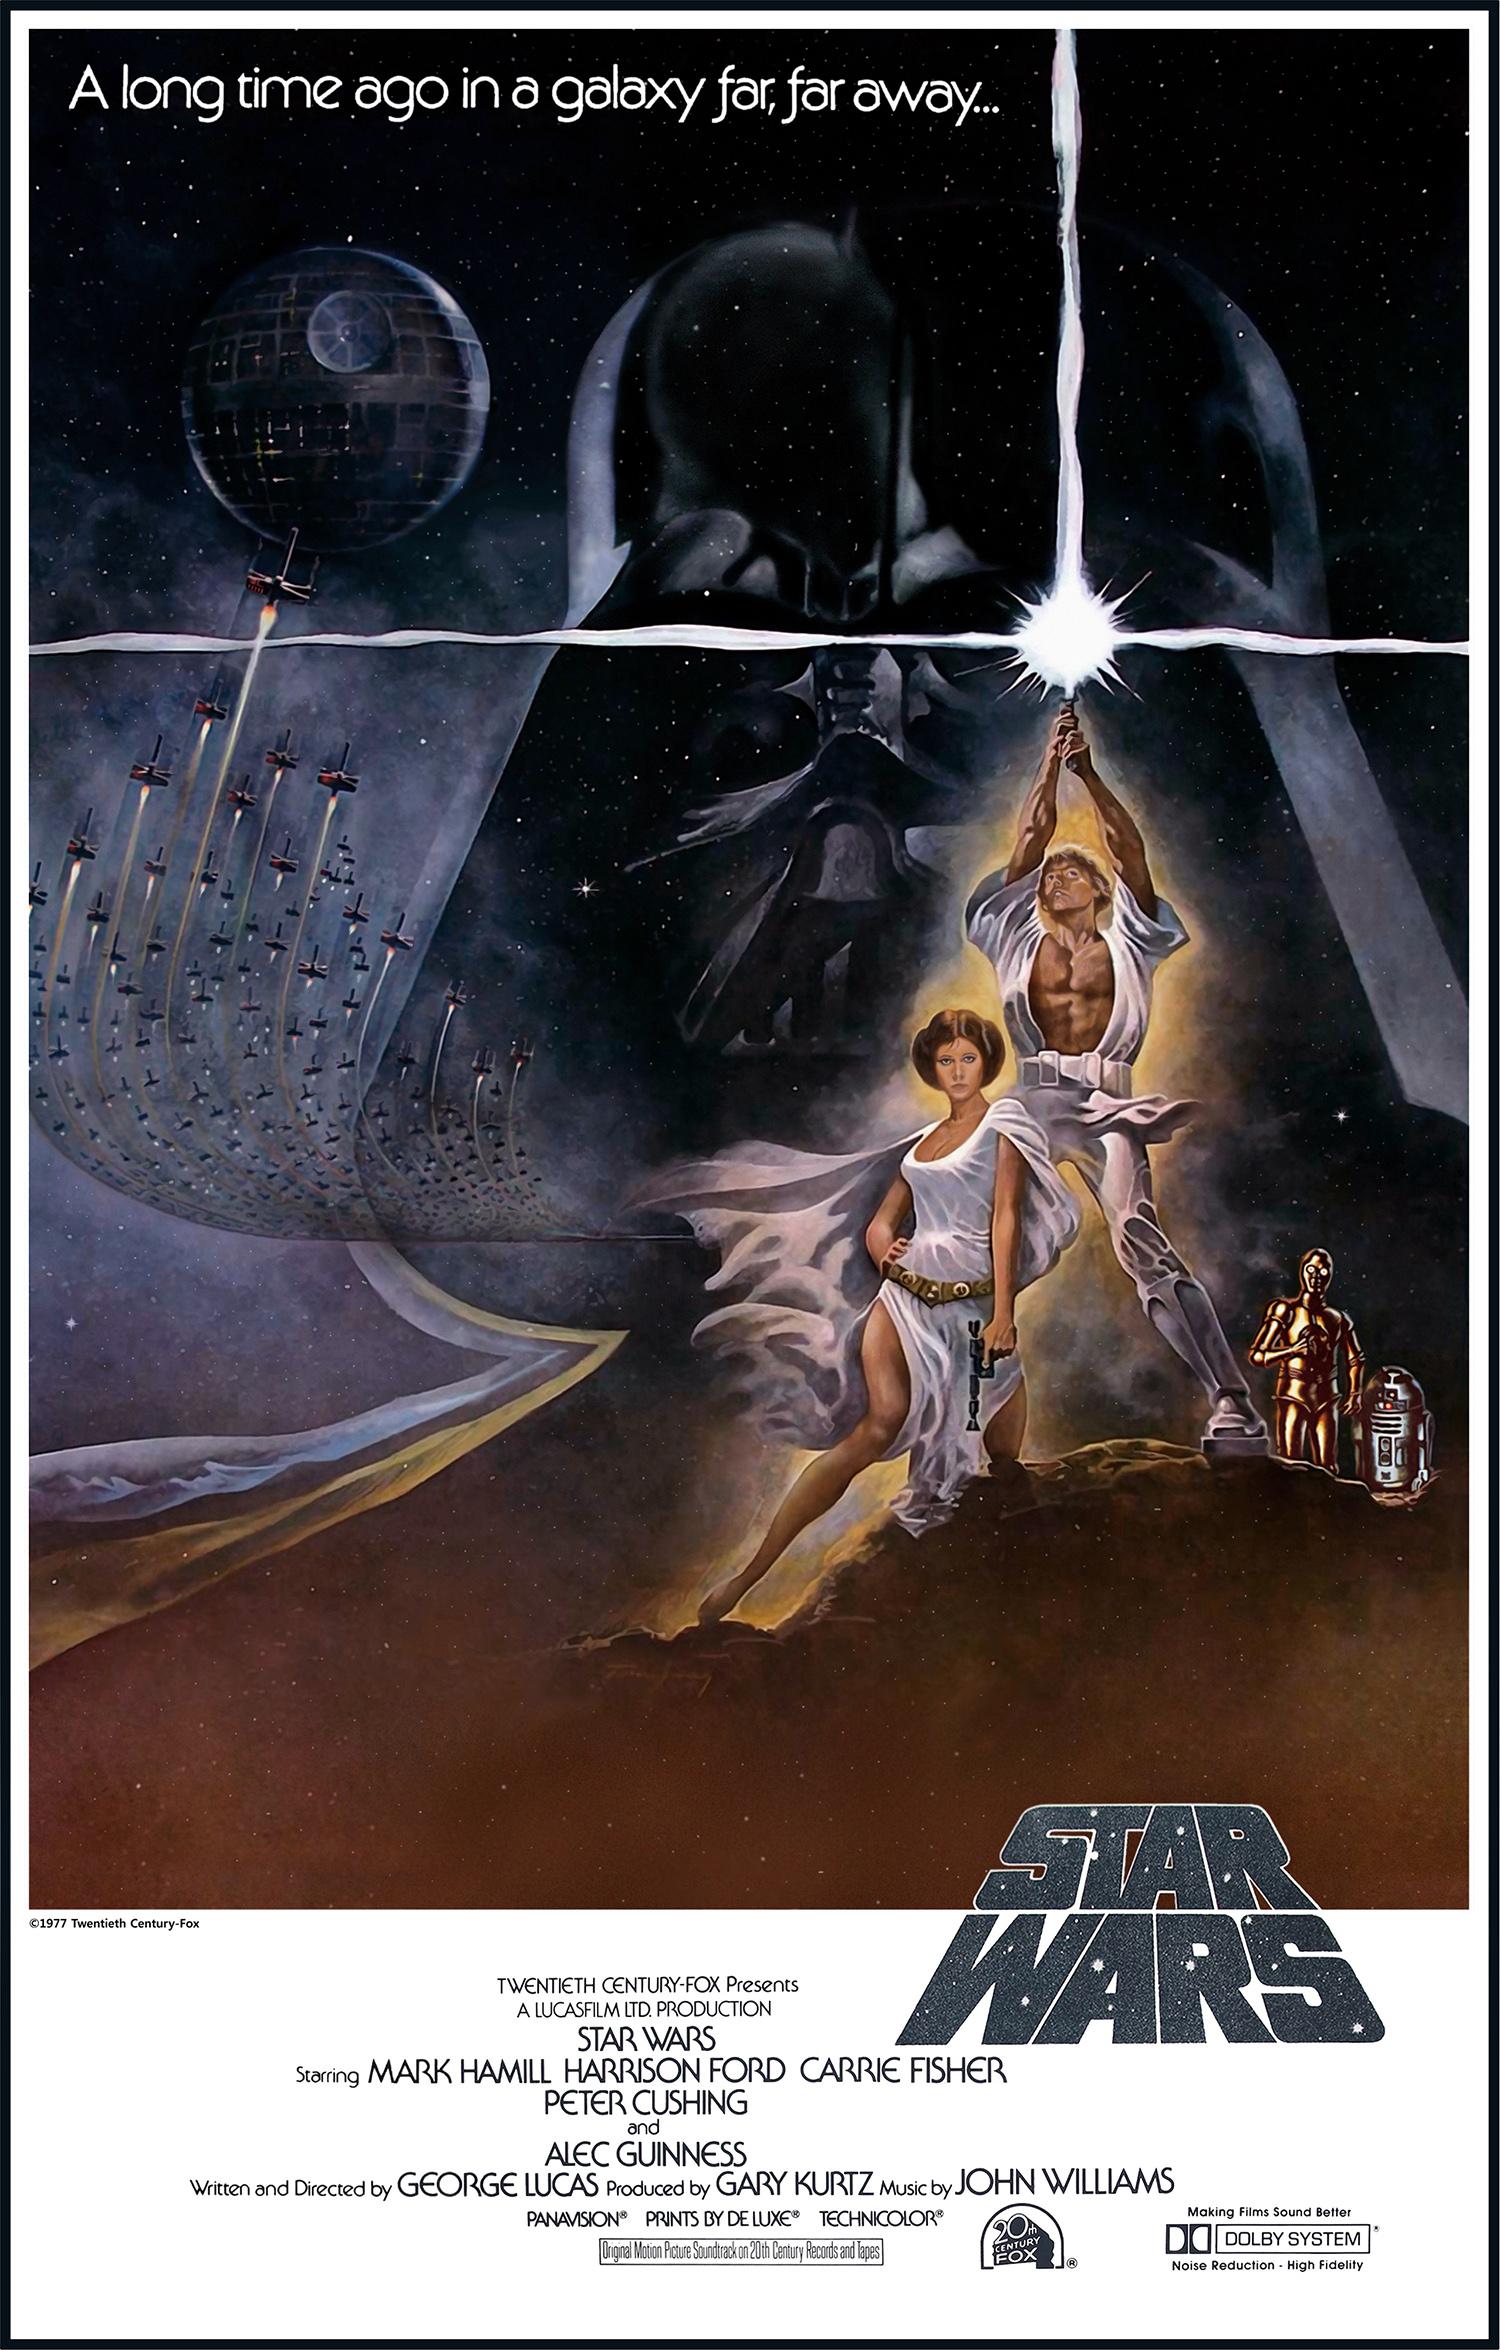 La Guerre des étoiles de George Lucas